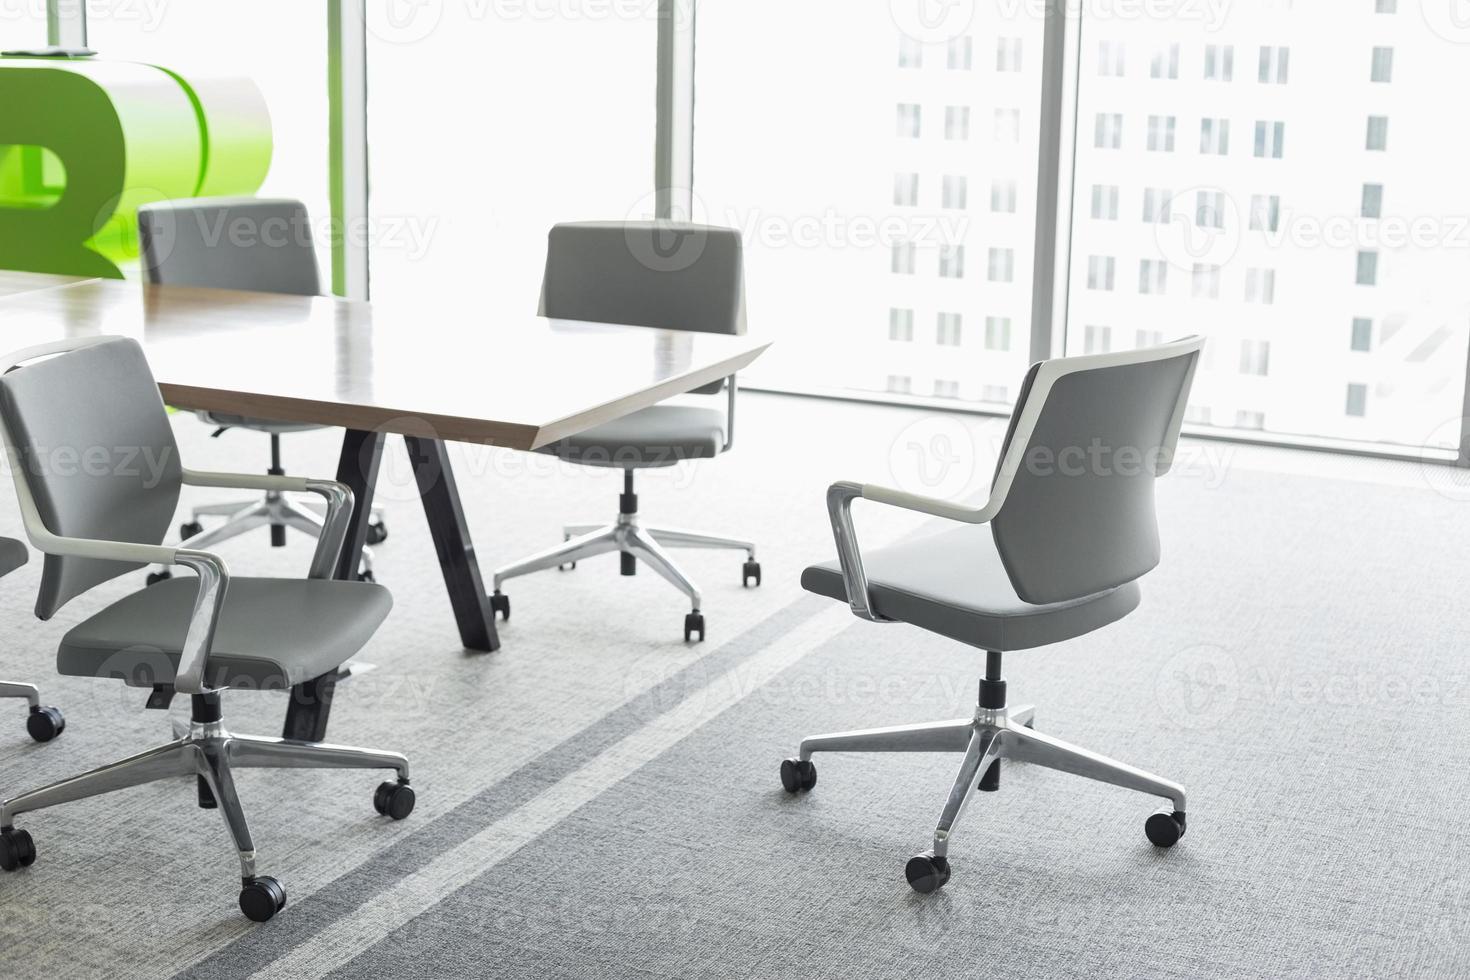 Bürostühle am Konferenztisch foto